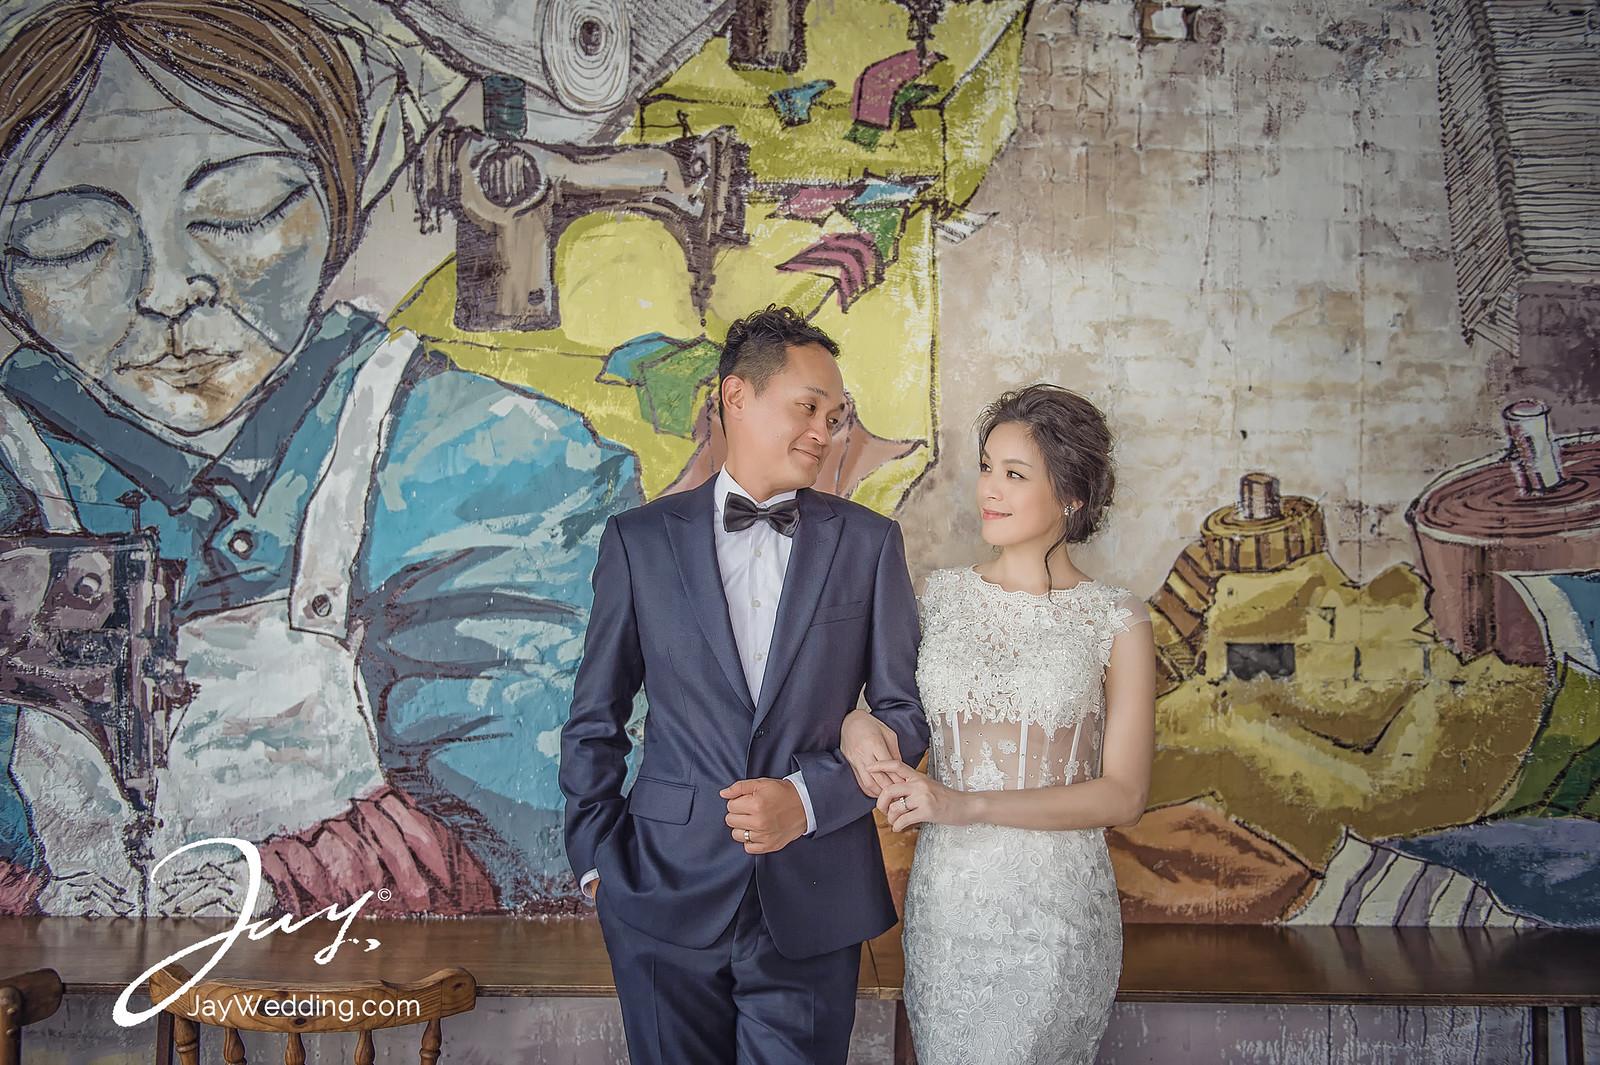 婚紗,婚攝,京都,大阪,食尚曼谷,海外婚紗,自助婚紗,自主婚紗,婚攝A-Jay,婚攝阿杰,jay hsieh,JAY_3670